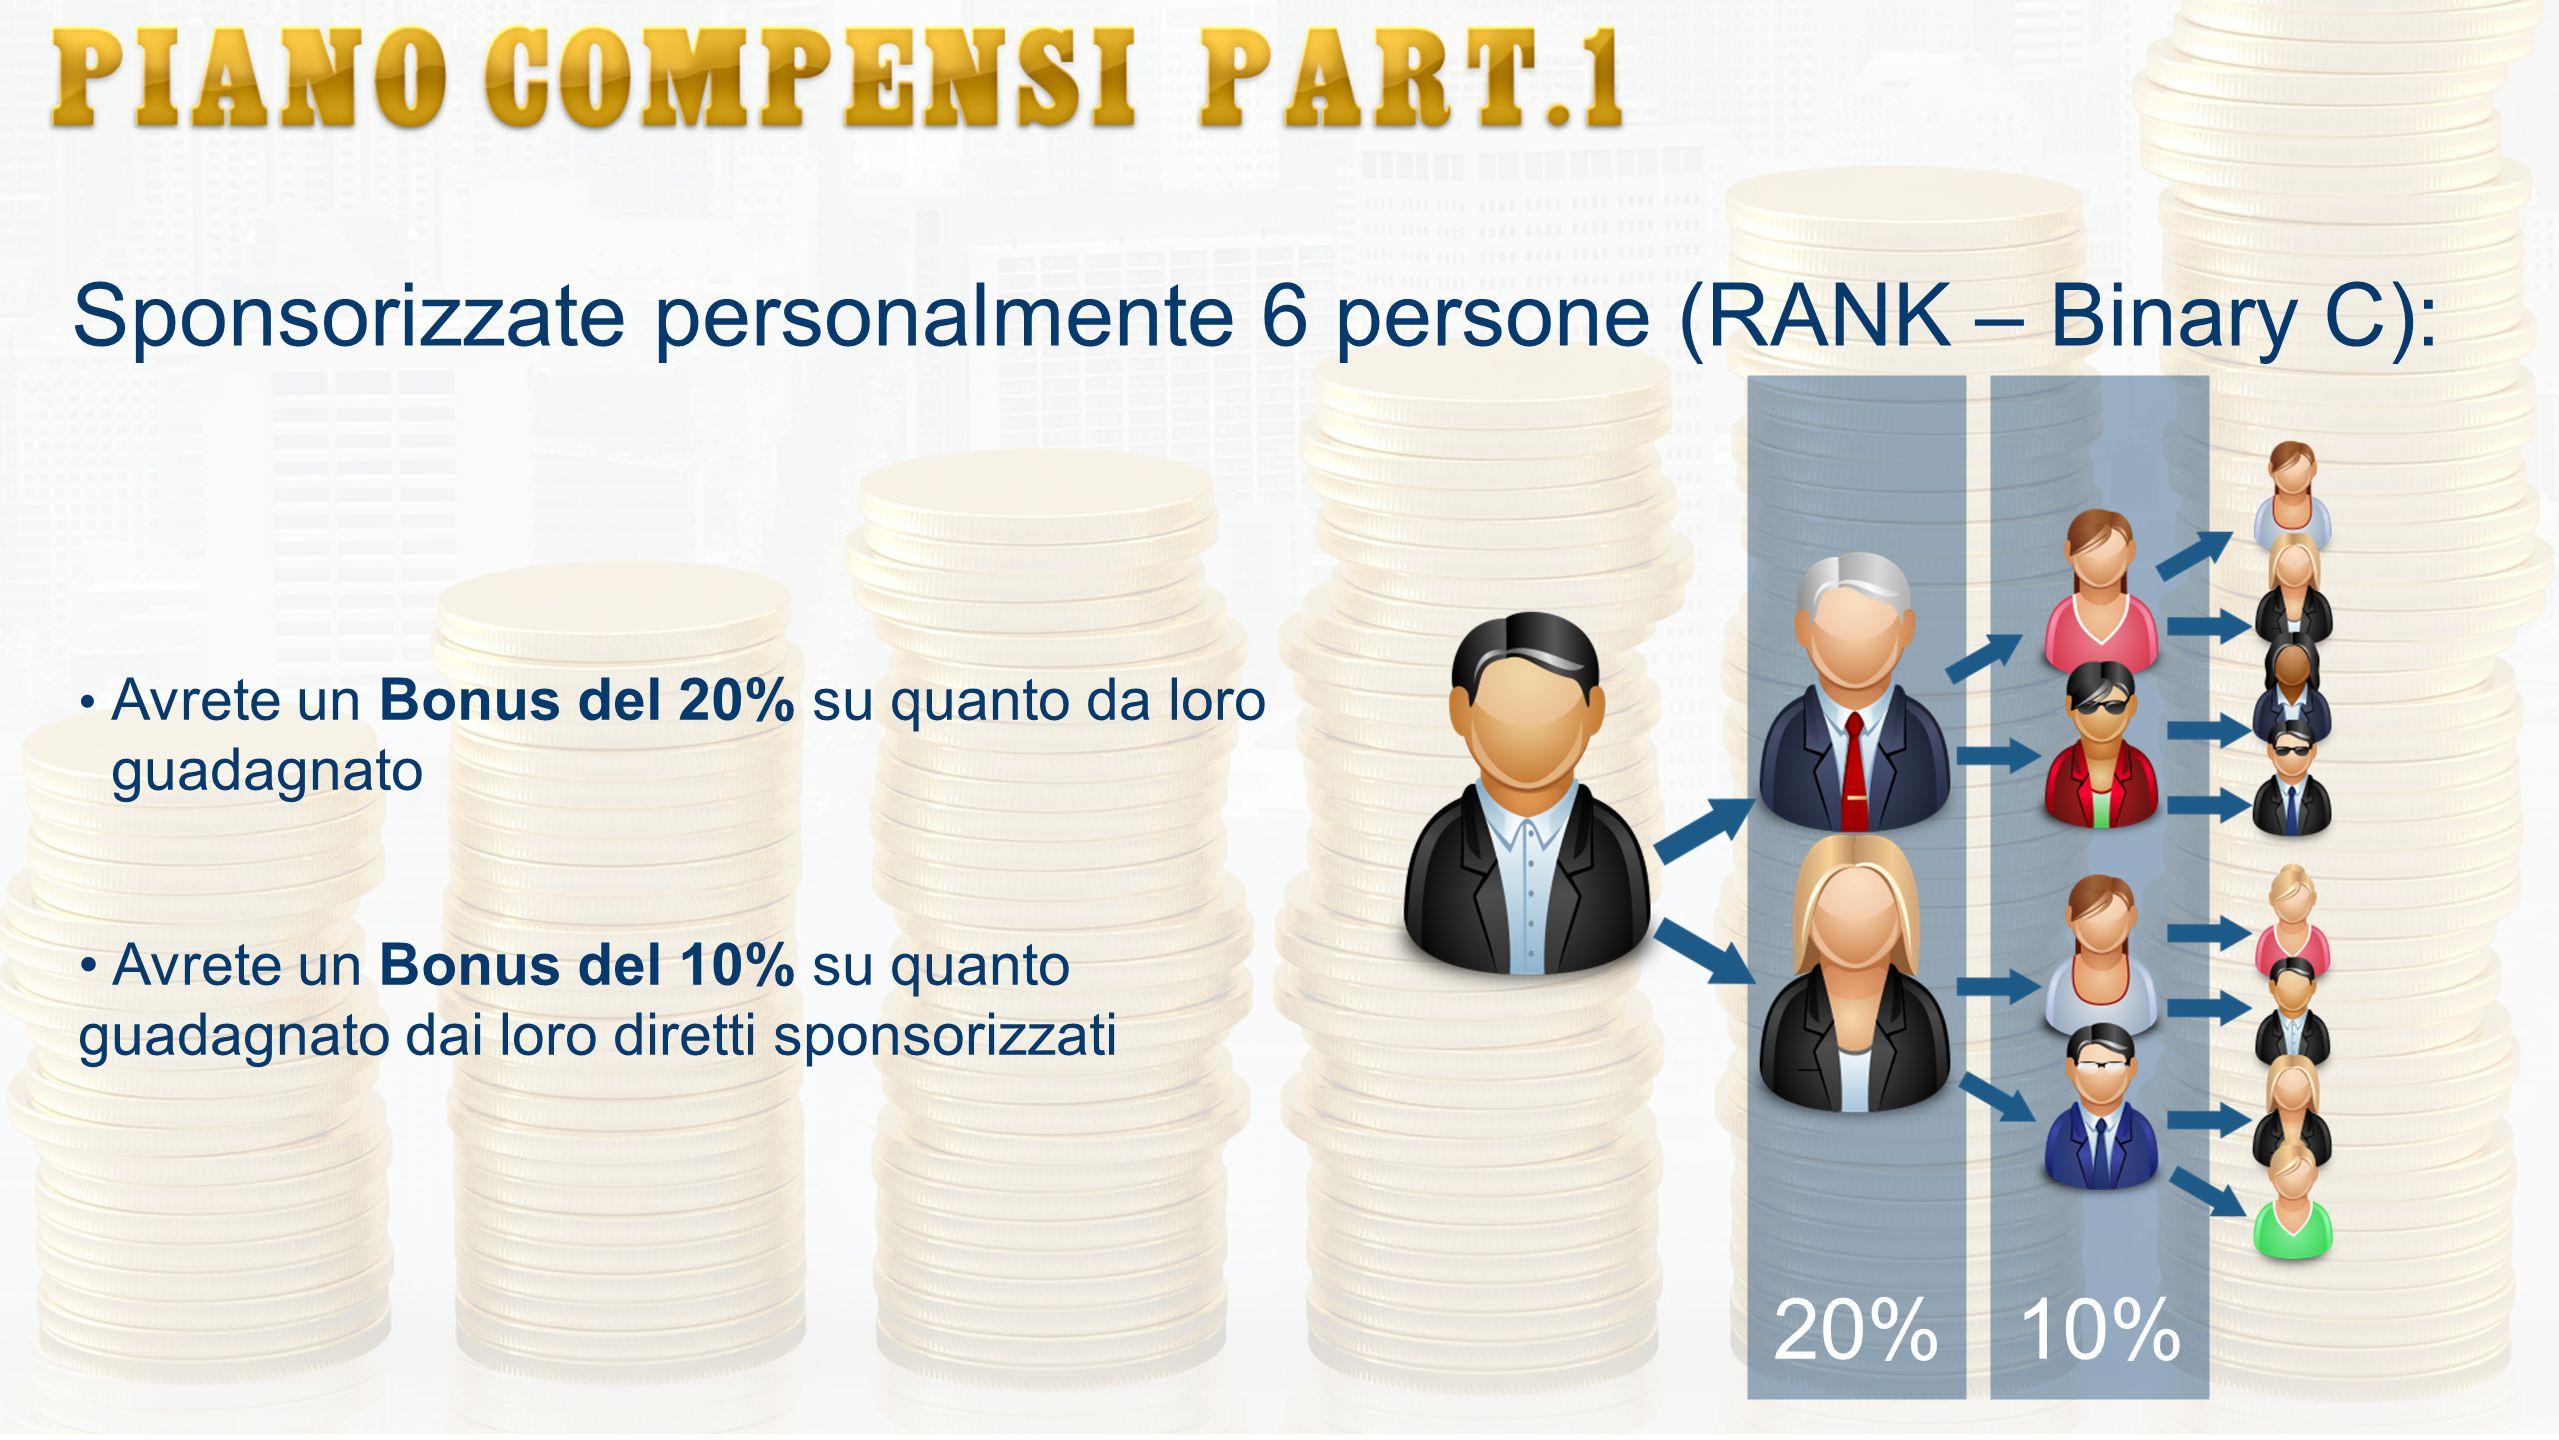 Sponsorizzate personalmente 6 persone (RANK – Binary C): Avrete un Bonus del 20% su quanto da loro guadagnato Avrete un Bonus del 10% su quanto guadag